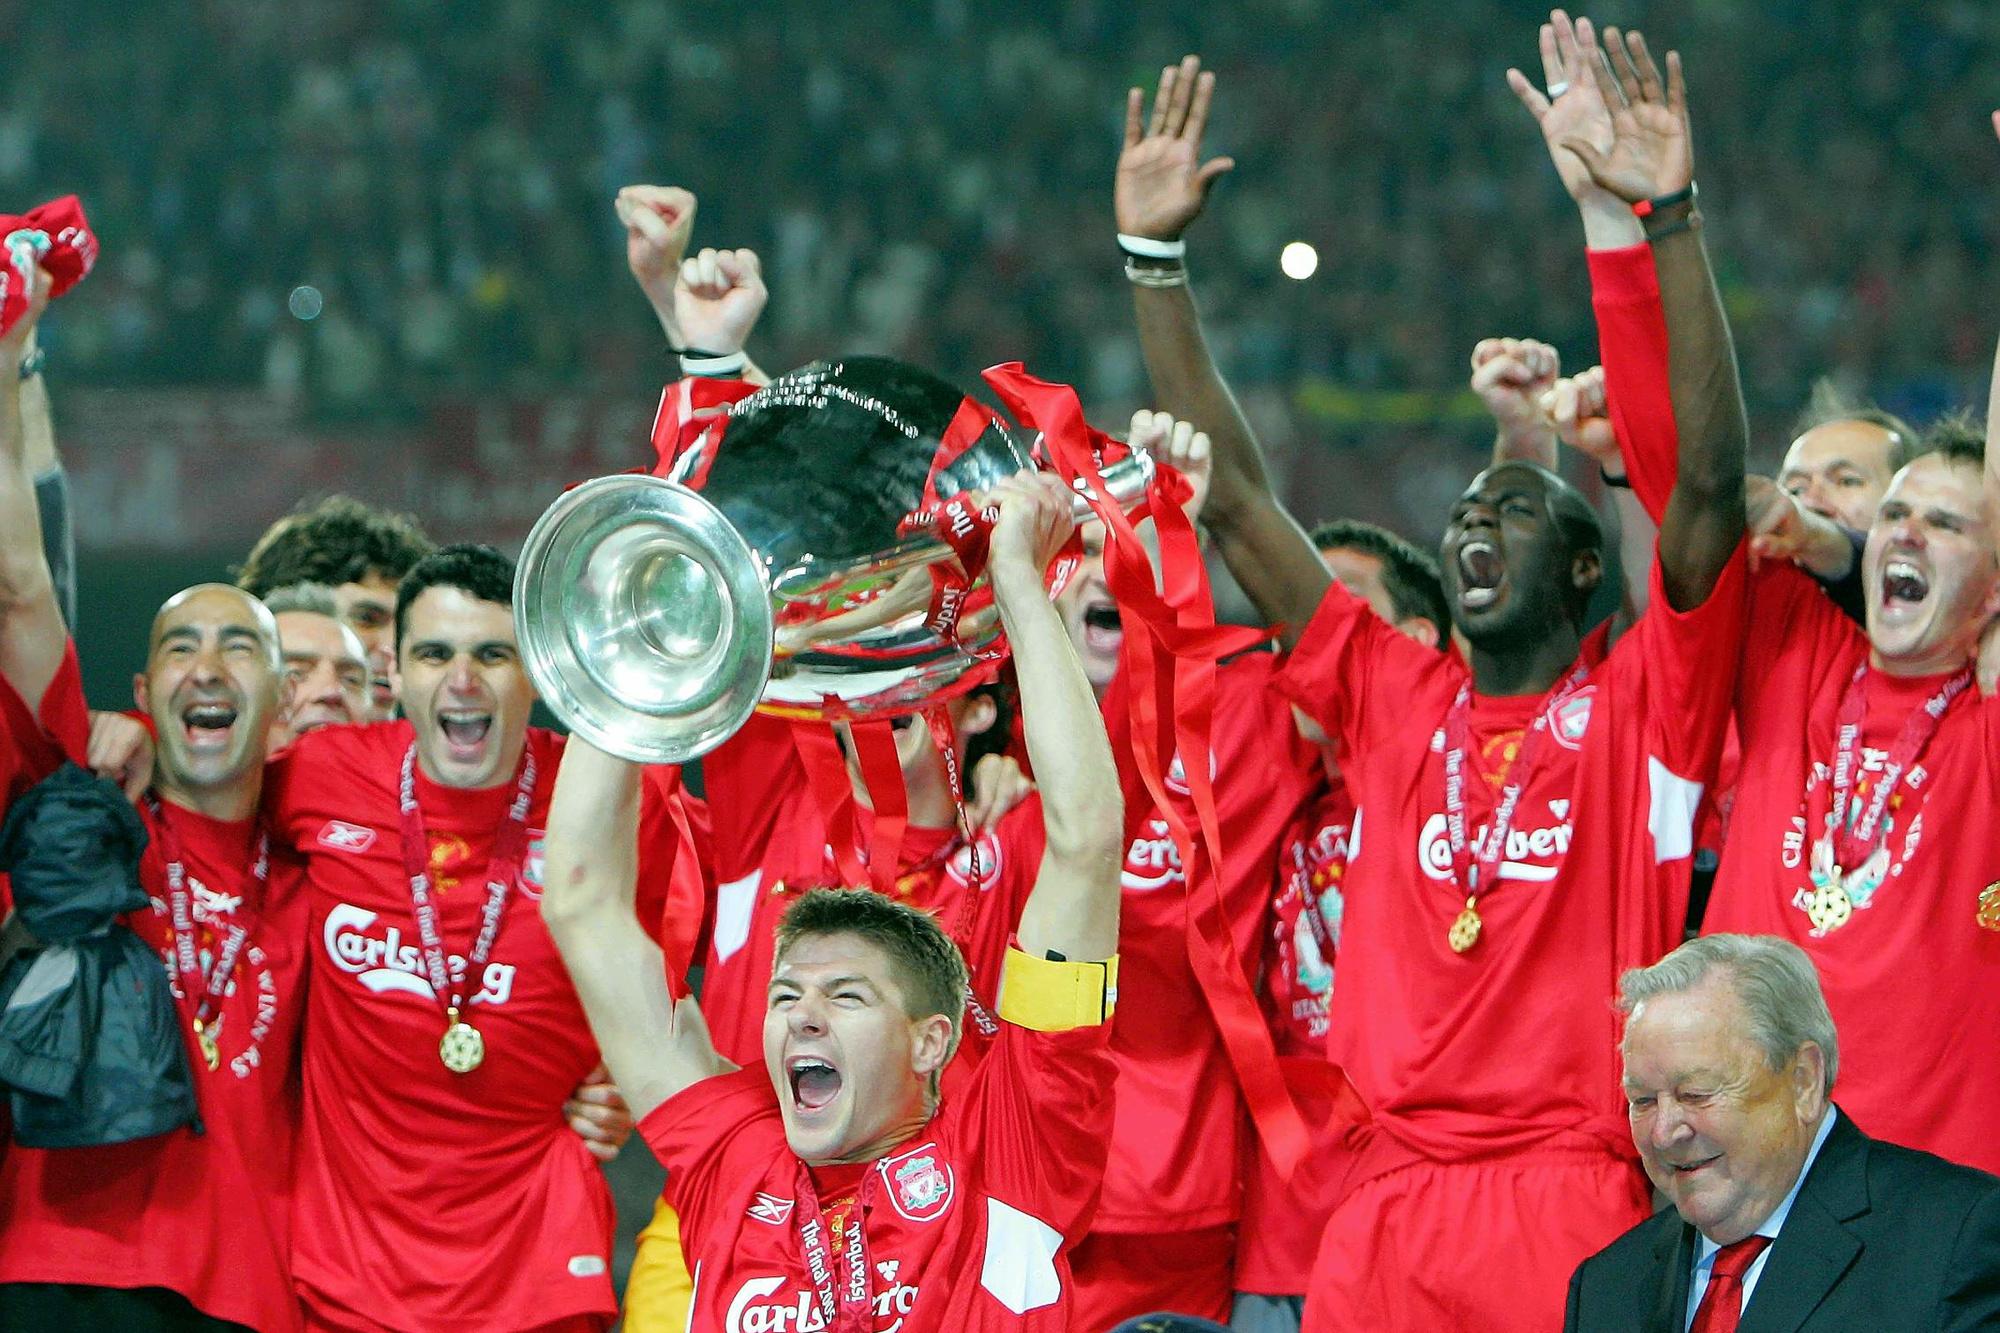 Steven Gerrard mag de trofee met de grote oren de lucht in steken na een spectaculaire match tegen AC Milan., GETTY